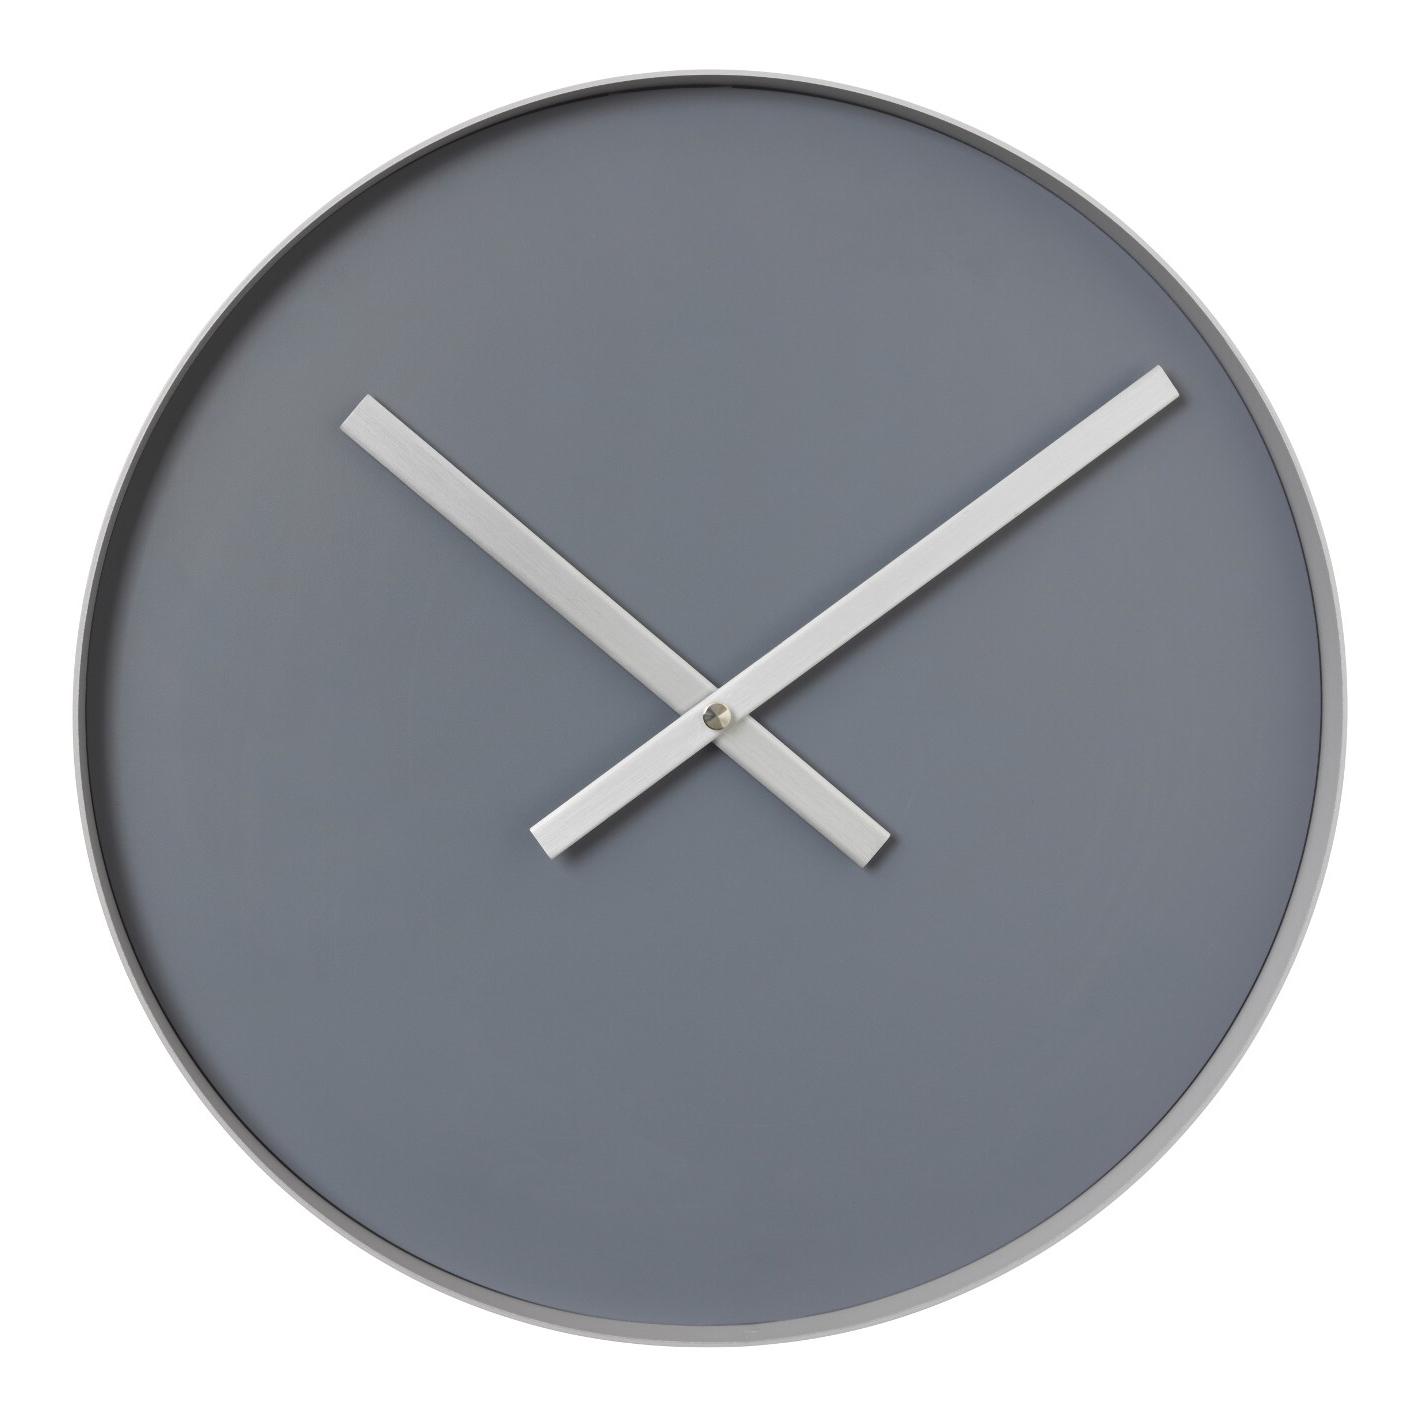 Nástenné hodiny RIM veľké sivé